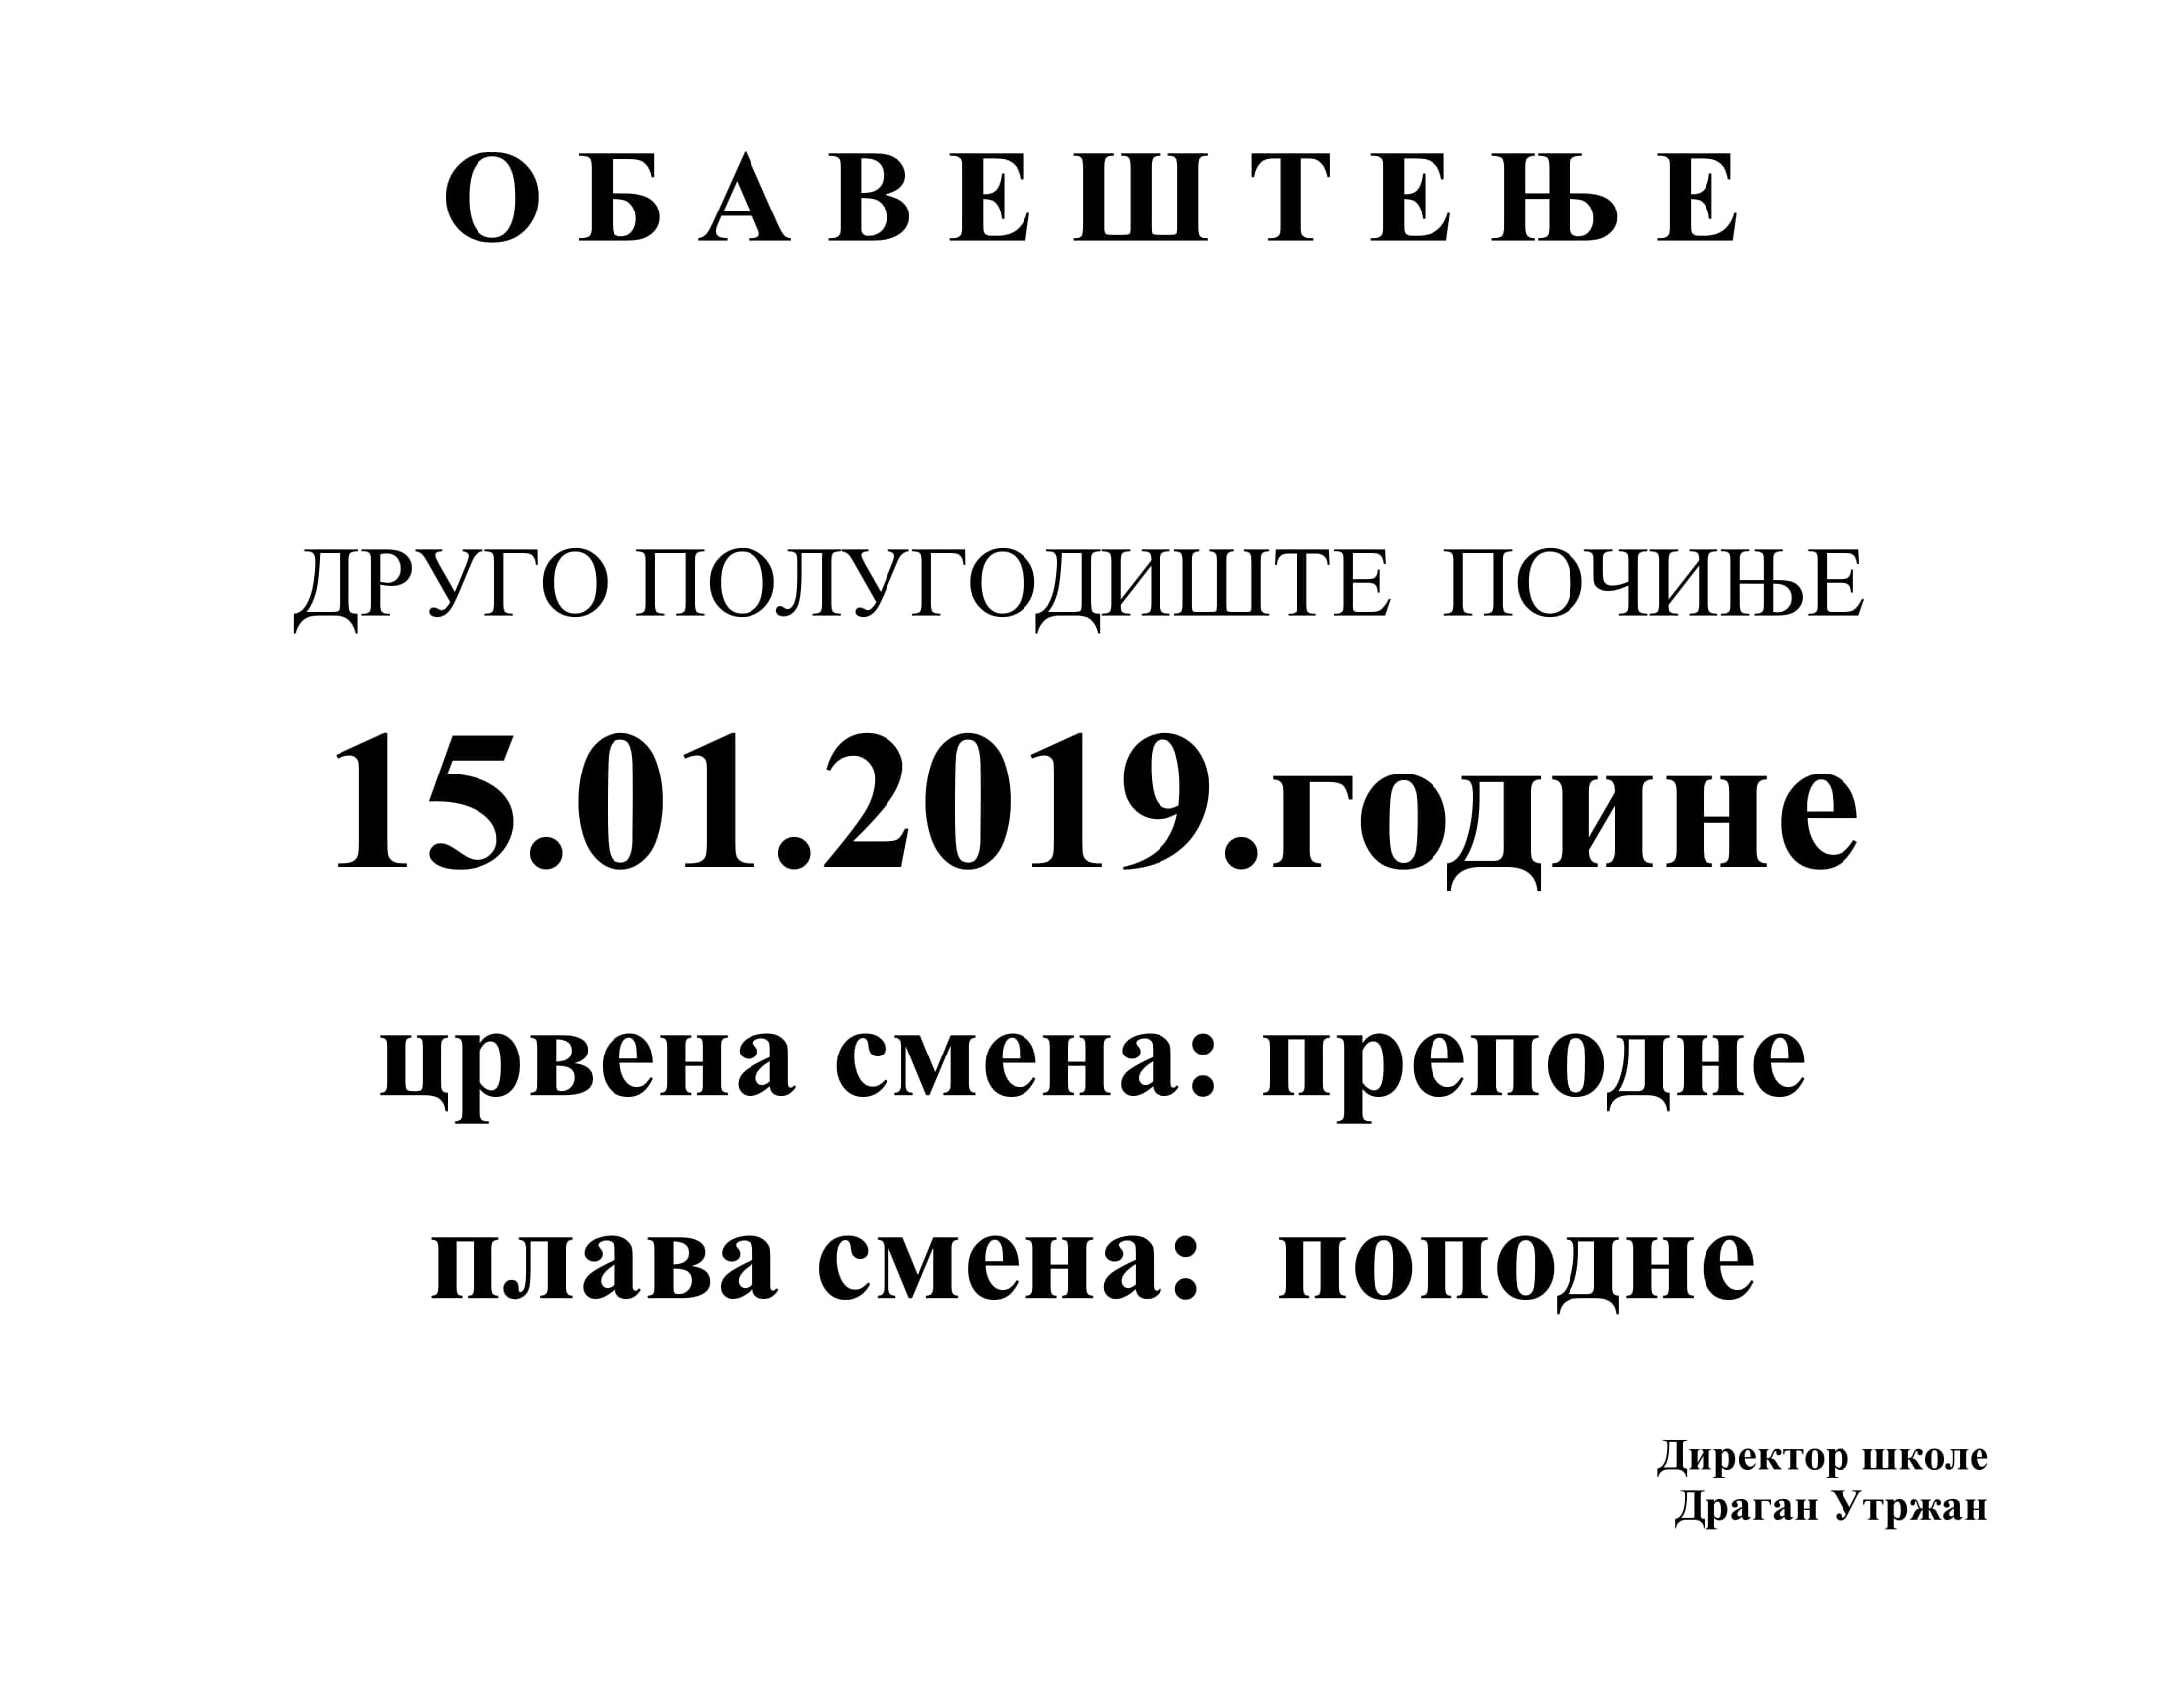 О Б А В Е Ш Т Е Њ Е 15012019-1